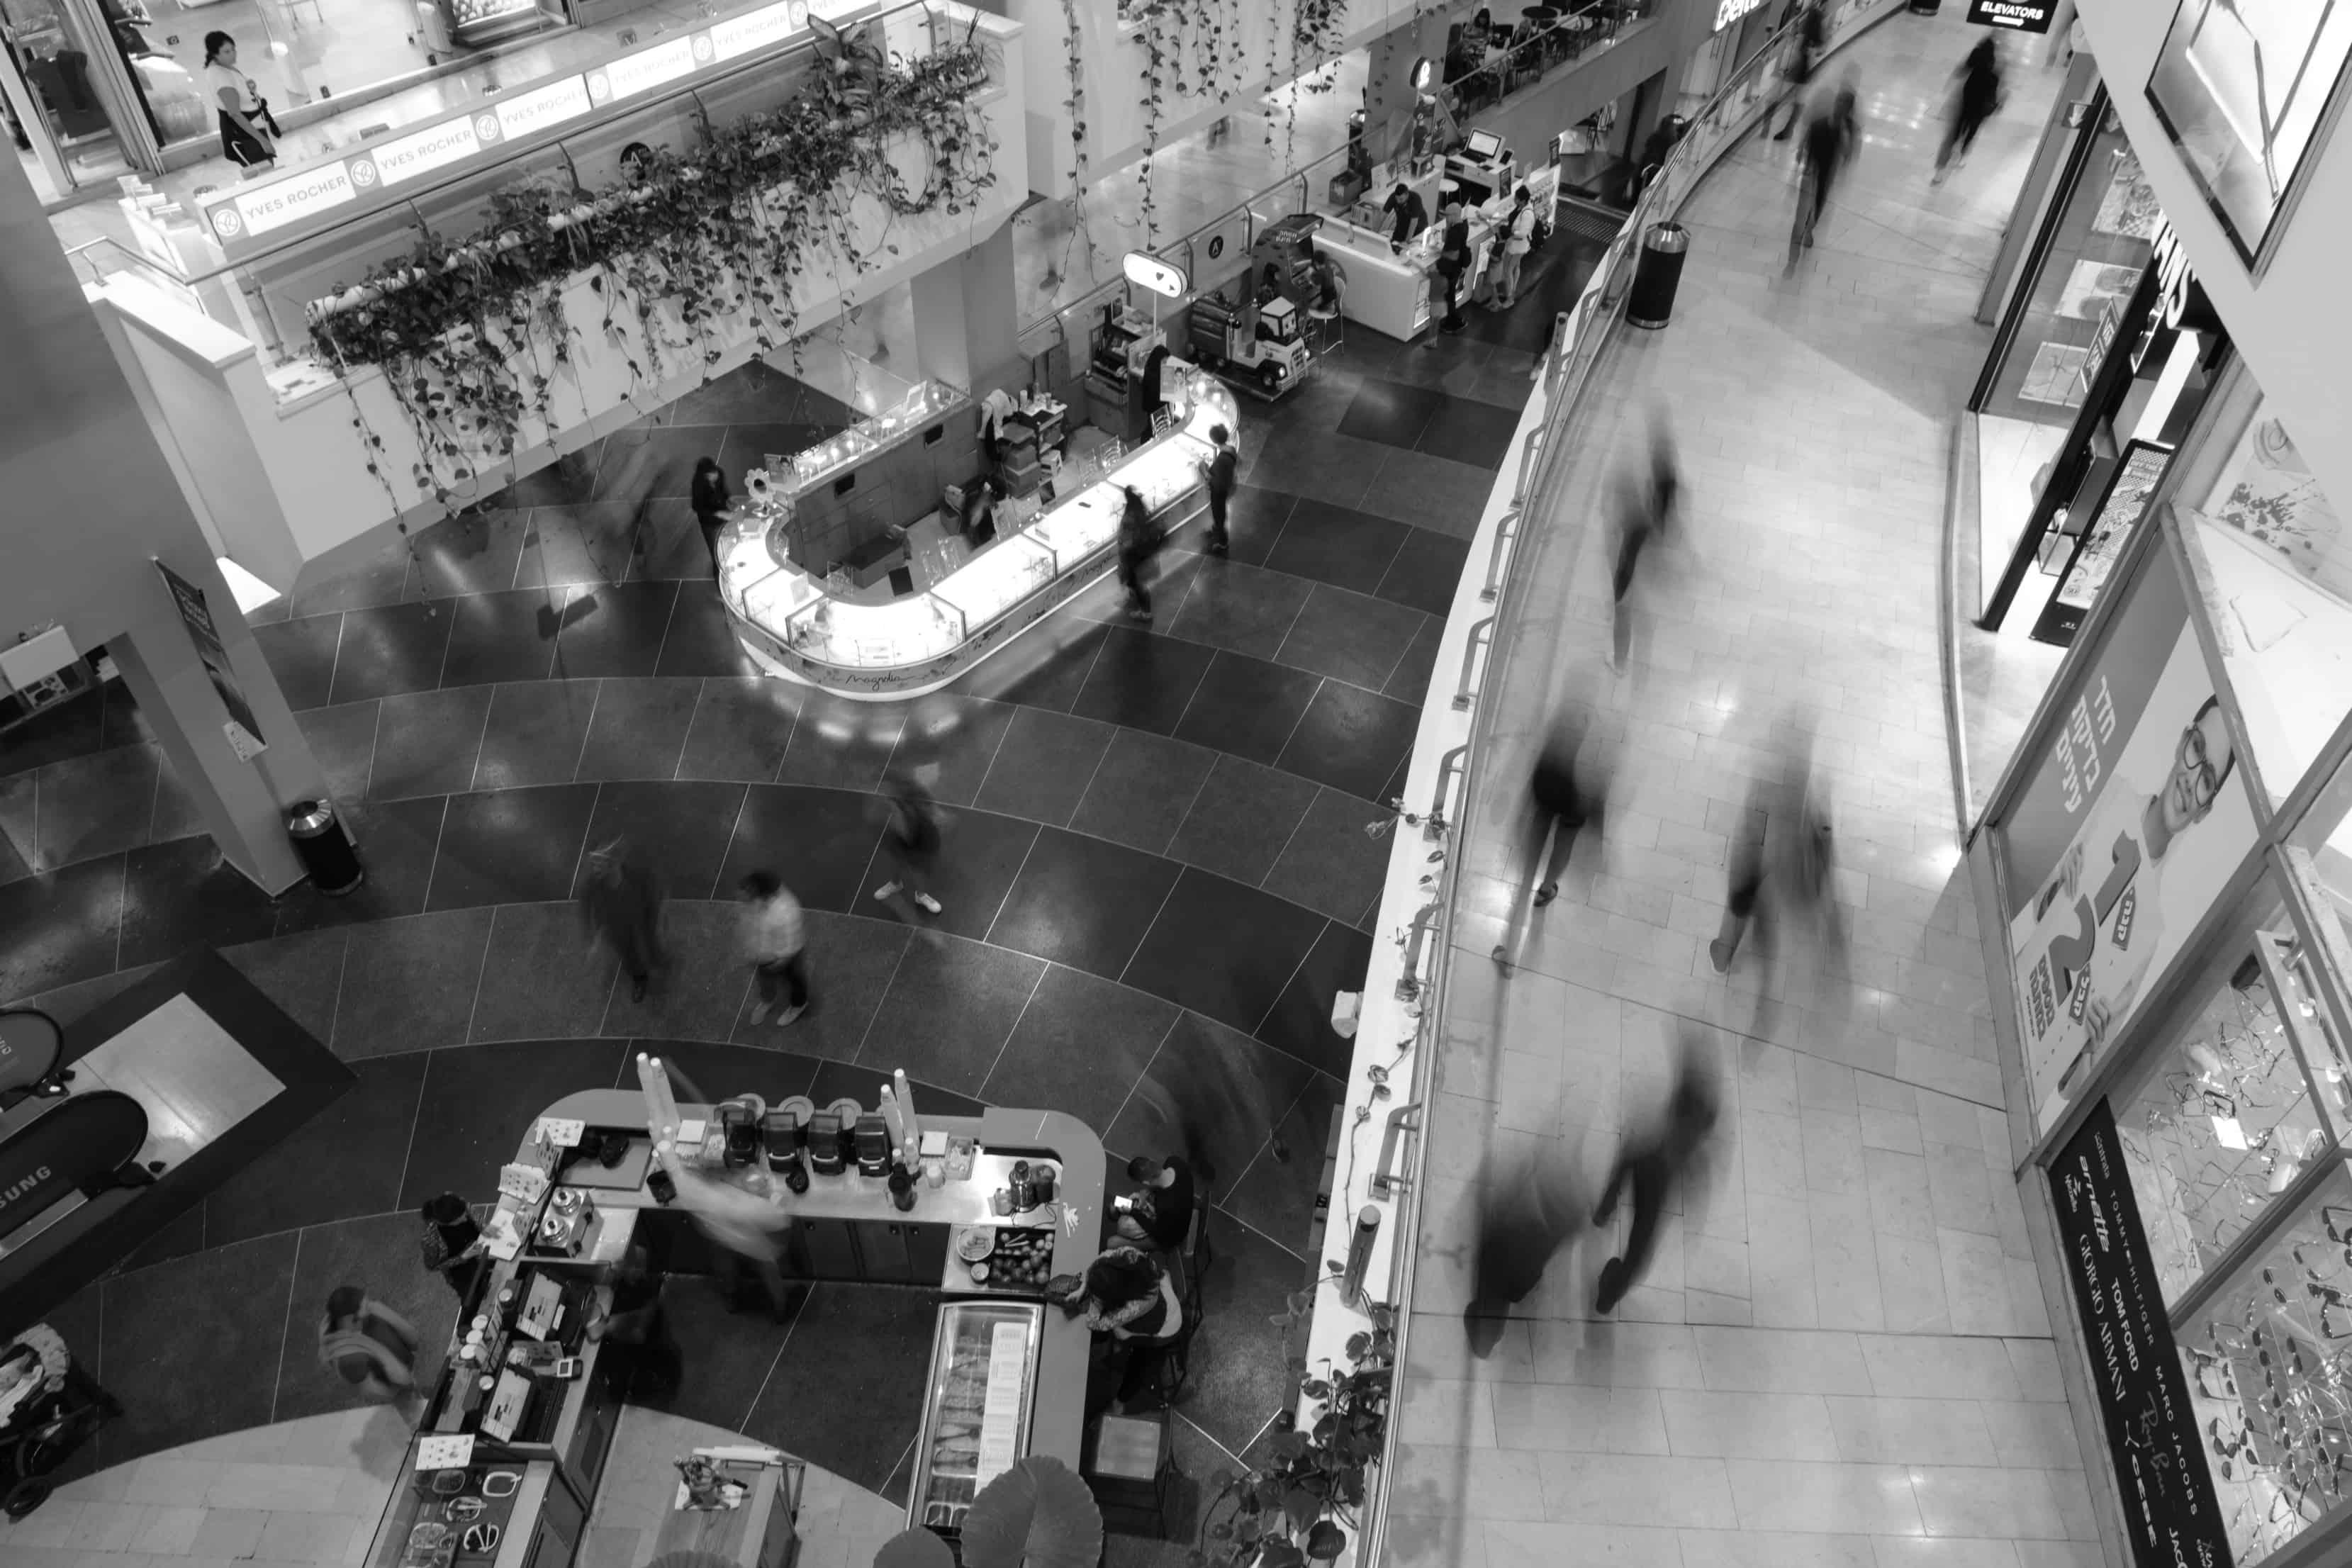 דיזנגוף סנטר פוסט על תקופה, אייטיז בתל אביב בבלוג tamariandme של תמרי סלונים ליבס. דיזינגוף סנטר מבט על. צילום: איתן ריקליס